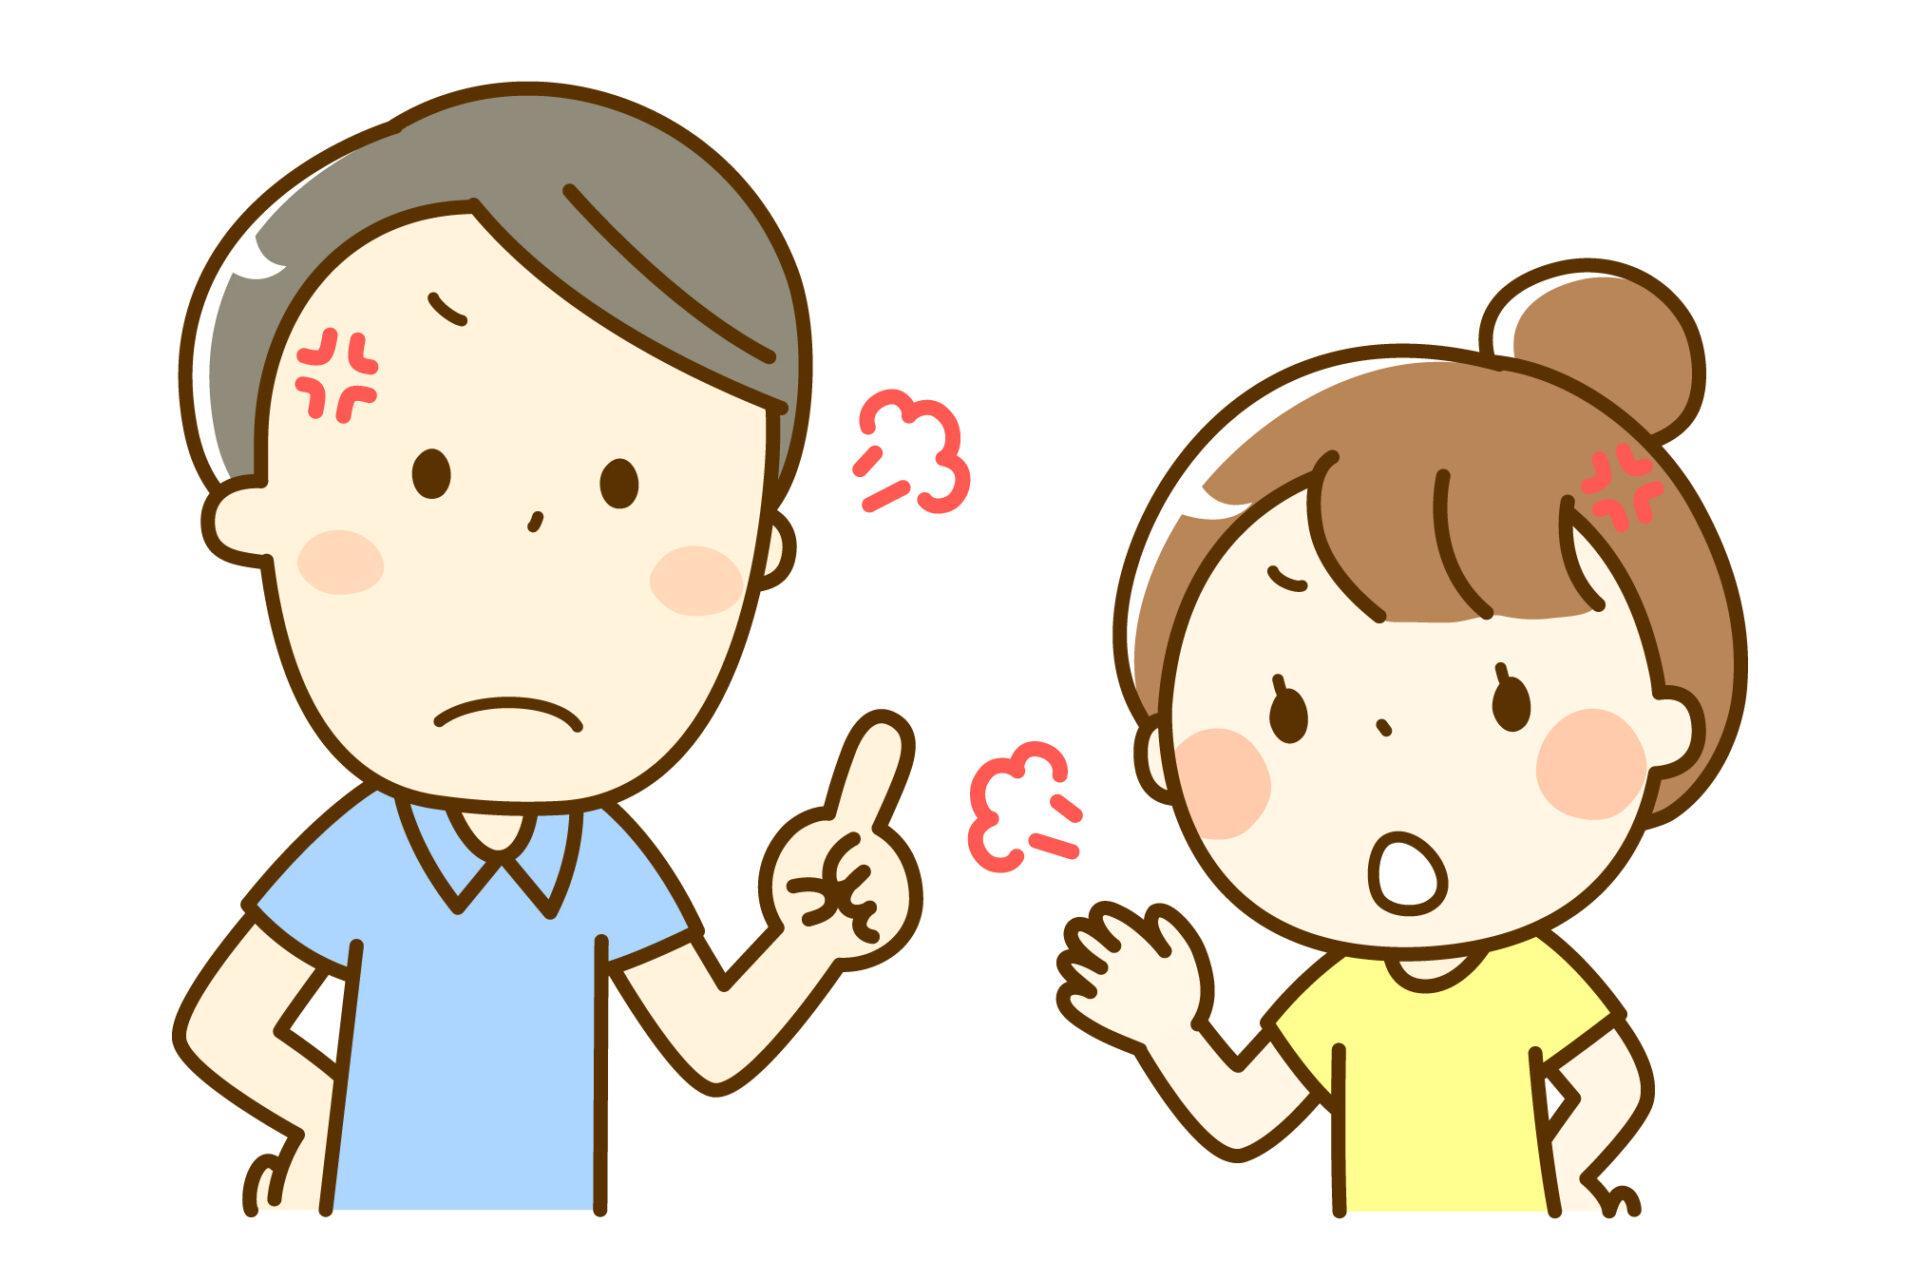 会話のすれ違いでケンカしてしまう。彼氏・彼女や夫婦や友だち同士…